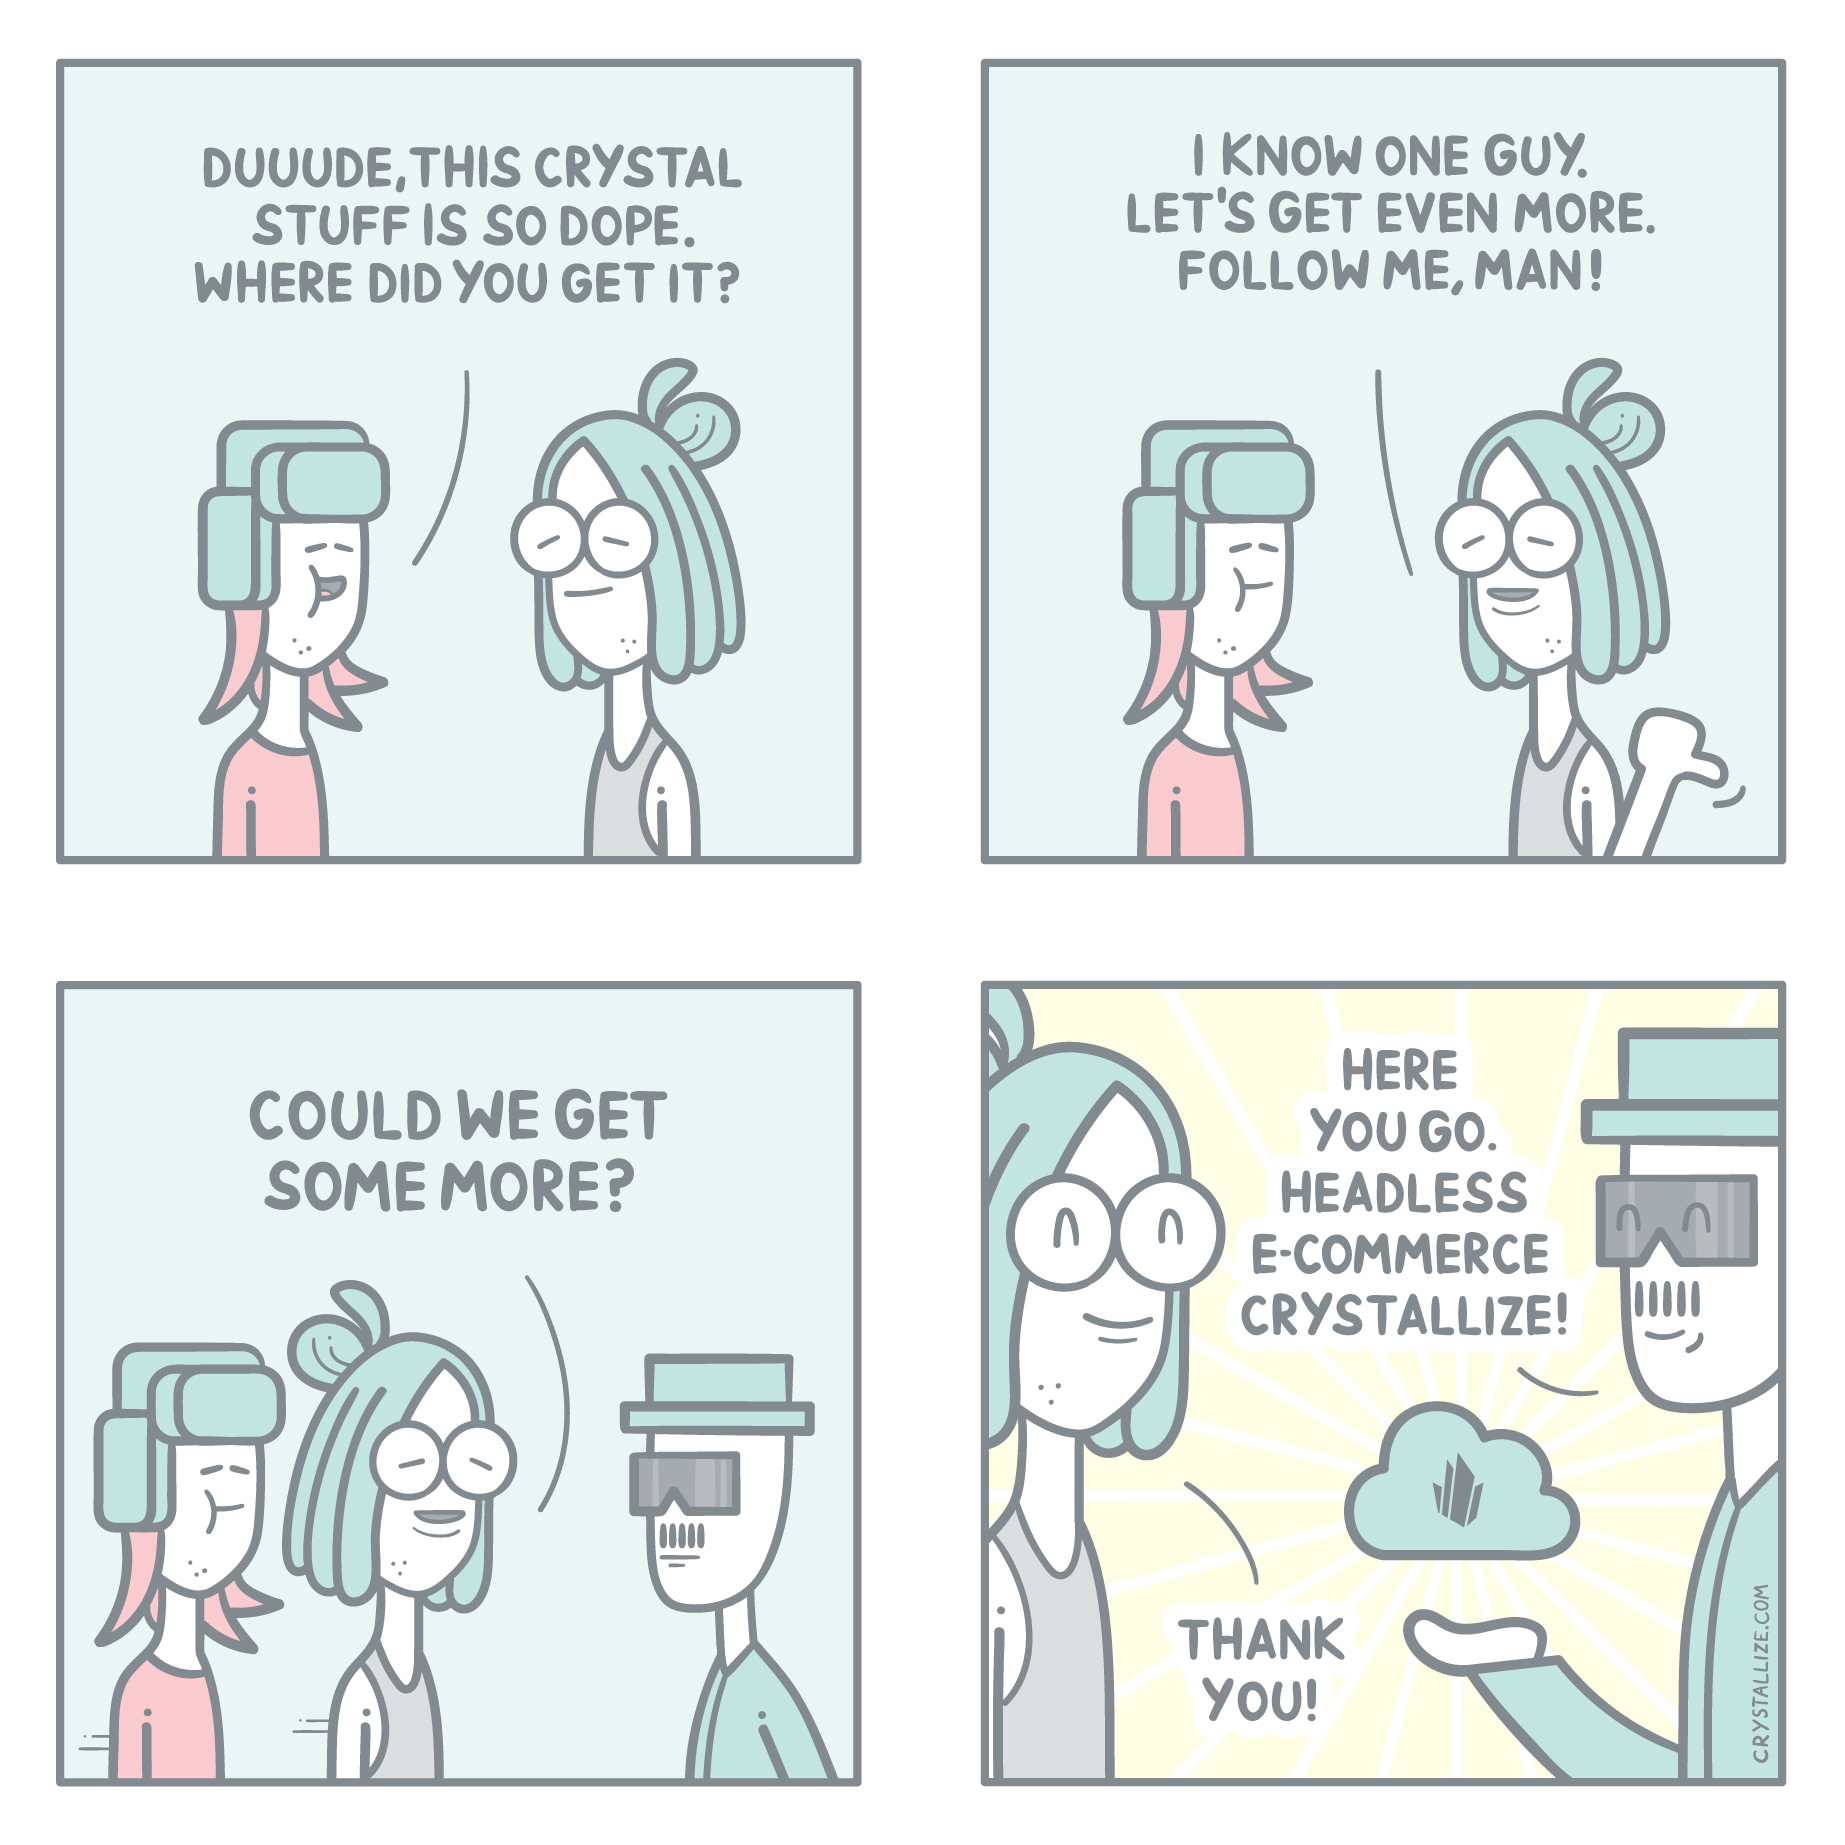 Crystalheads